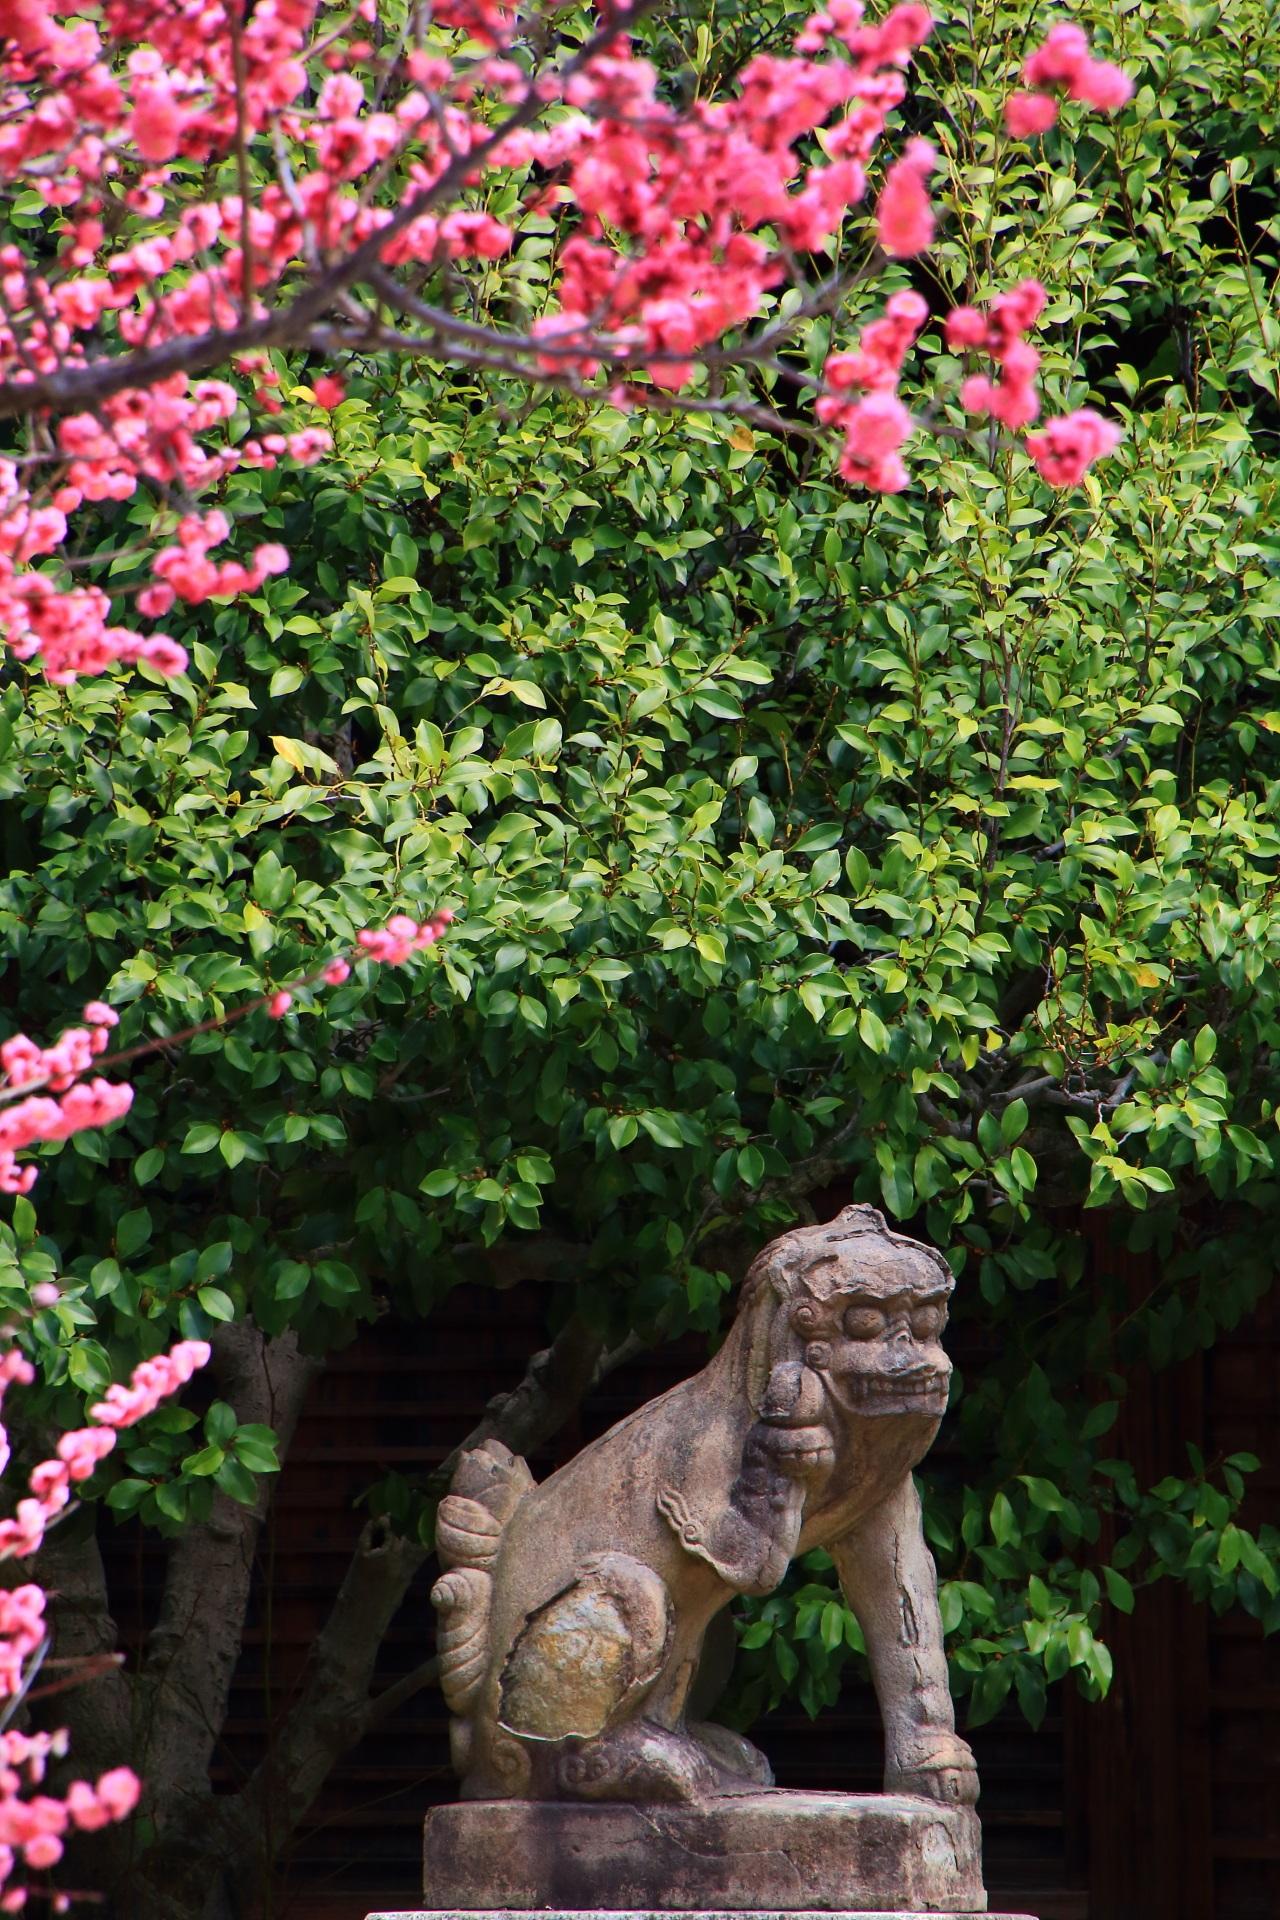 菅大臣神社の手招きをするユニークな狛犬